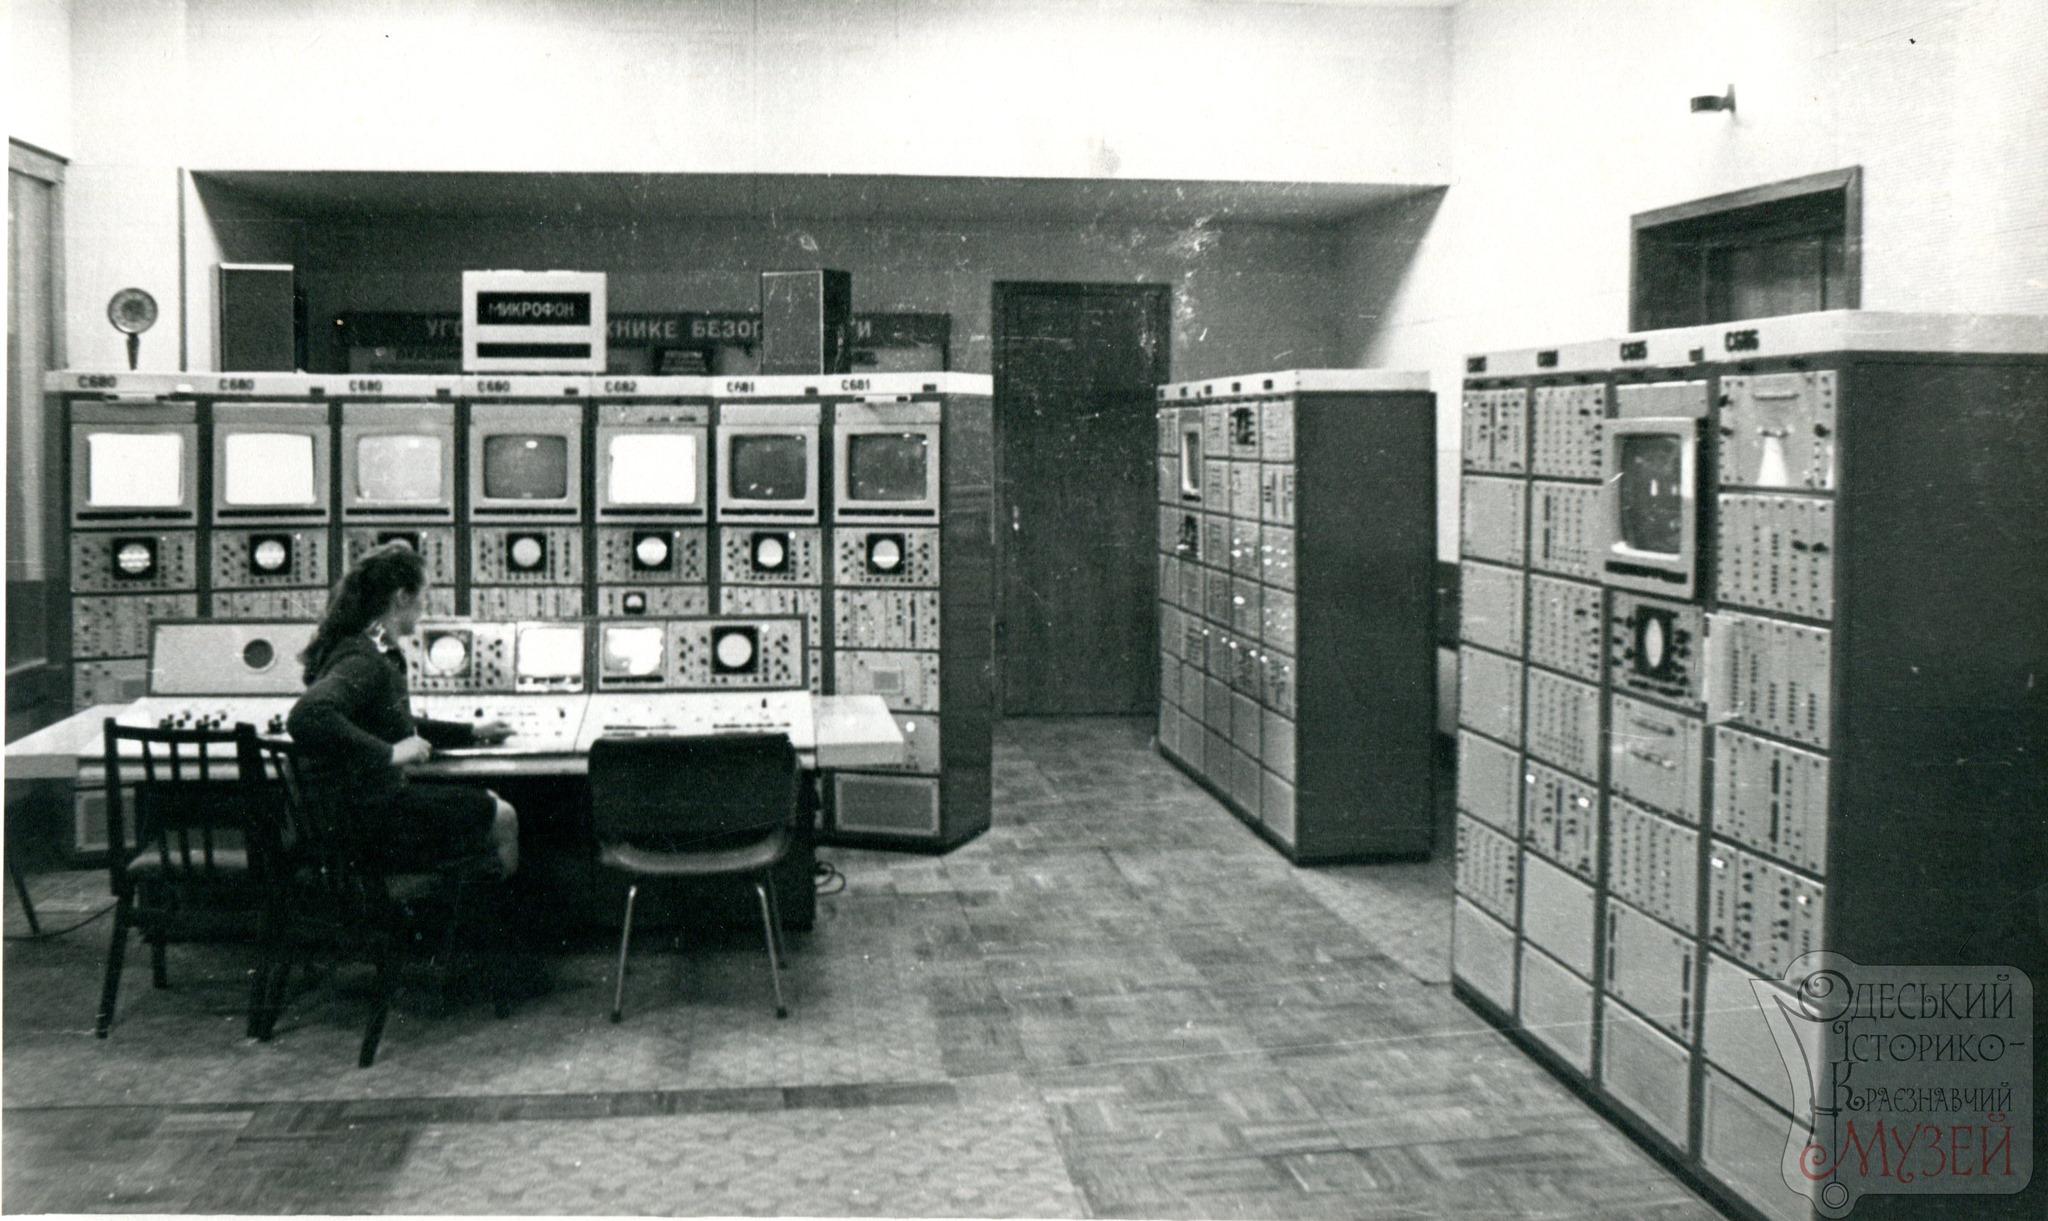 65 років заснування Одеської студії телебачення